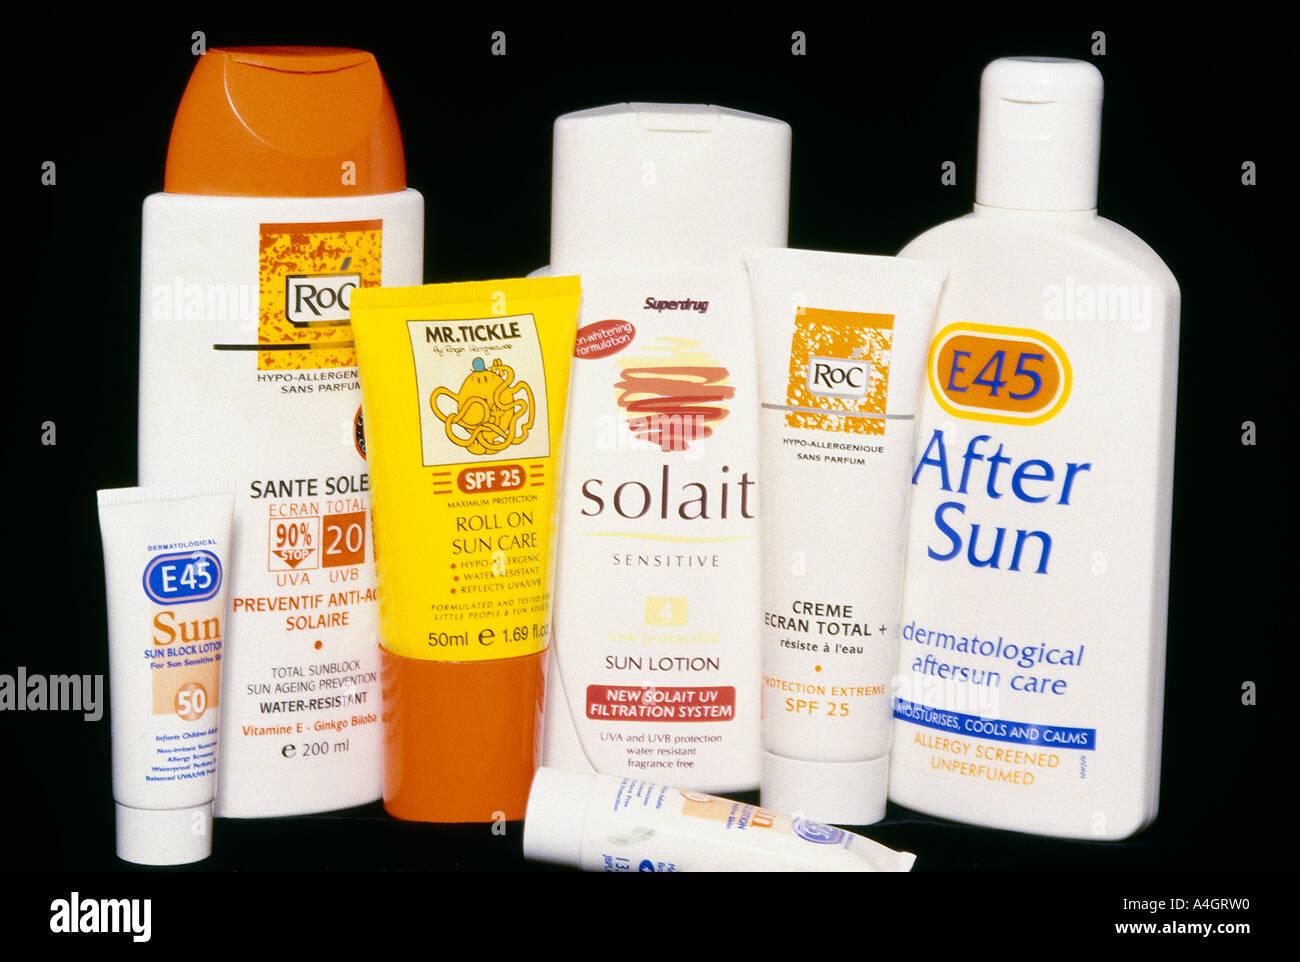 Une photographie montrant la protection solaire après soleil et crèmes. Photo Stock